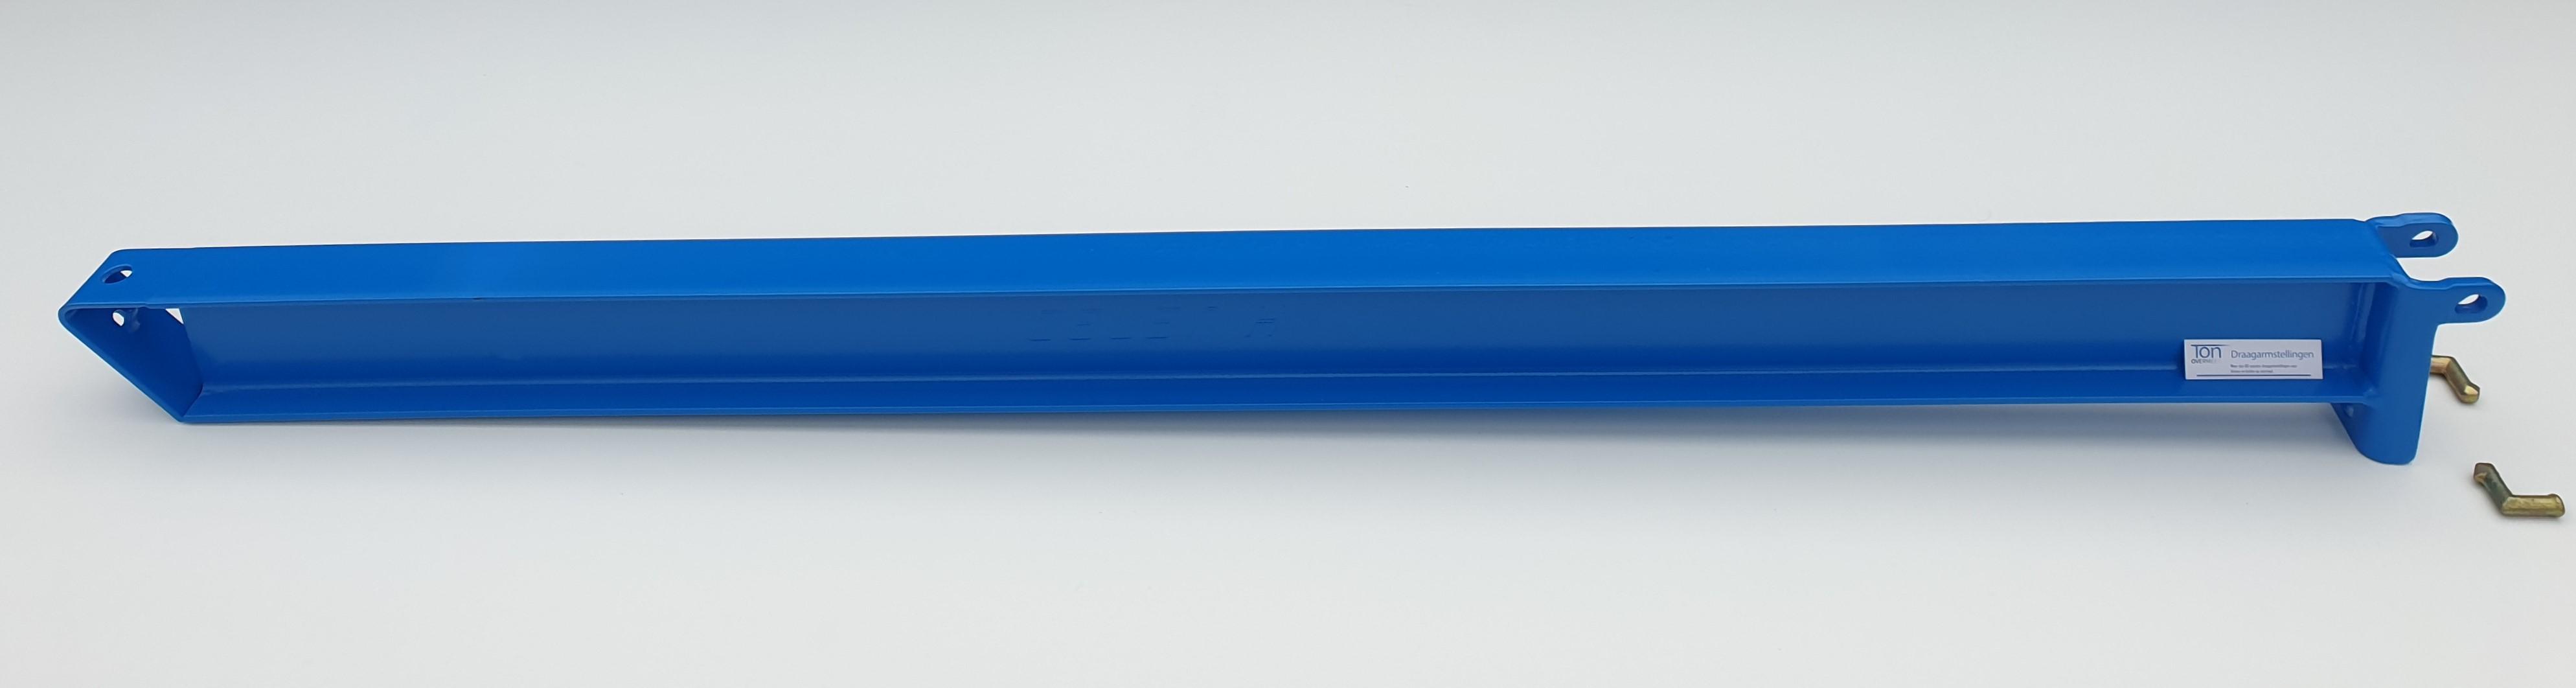 extra draagarmen 1.200 mm (V522A120)